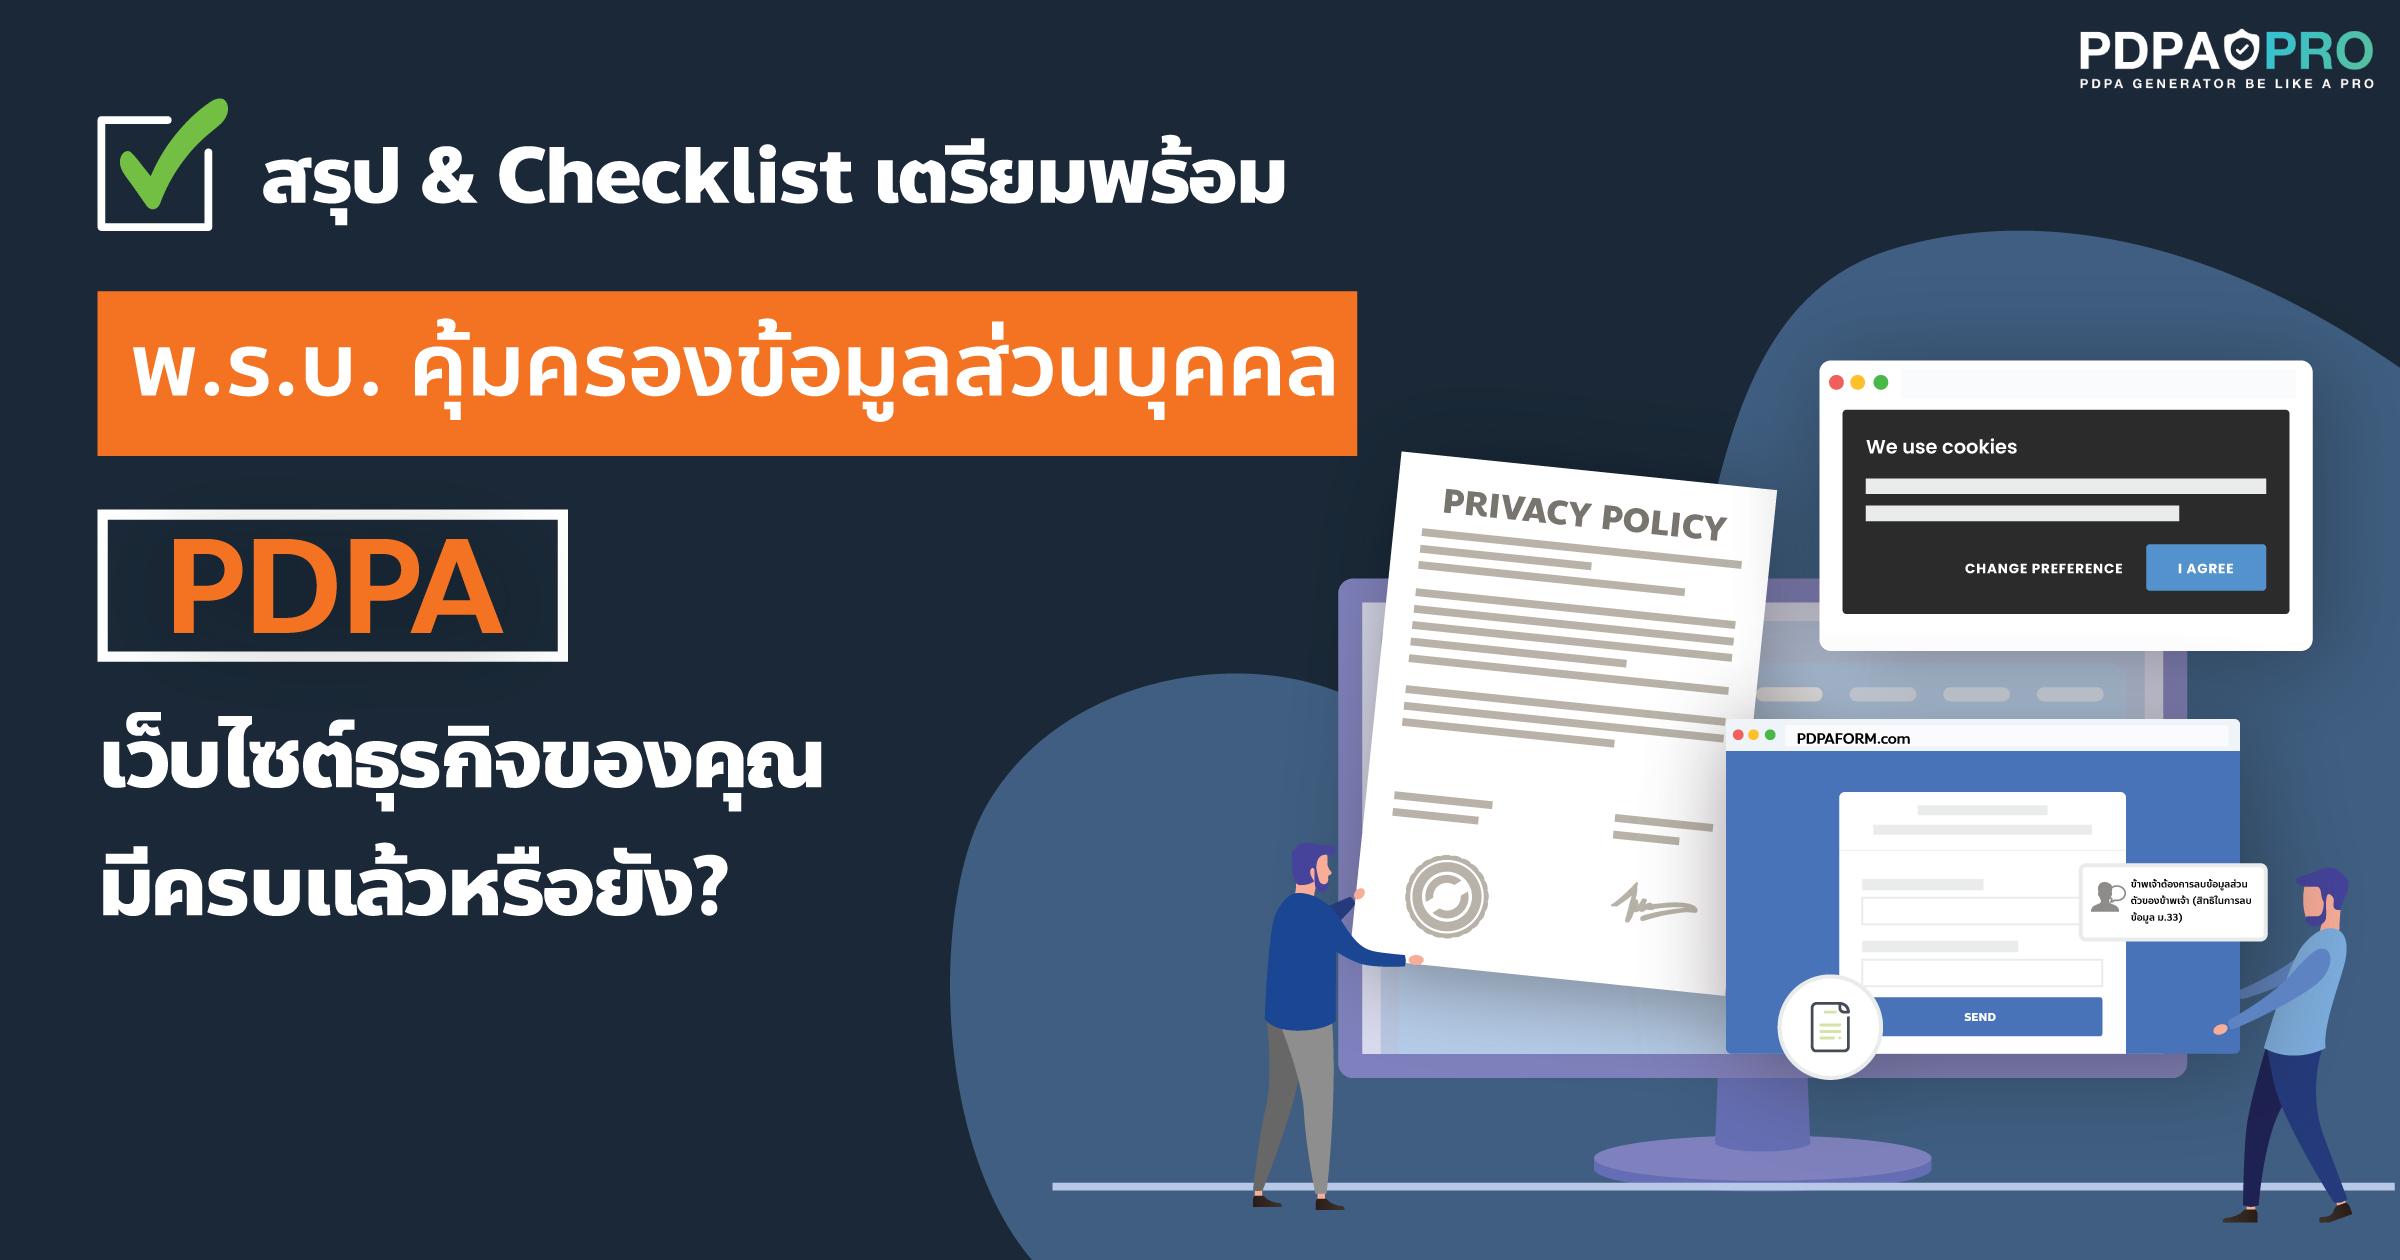 สรุป & Checklist เตรียมพร้อม พ.ร.บ. คุ้มครองข้อมูลส่วนบุคคล (PDPA)  เว็บไซต์ธุรกิจของคุณมีครบแล้วหรือยัง